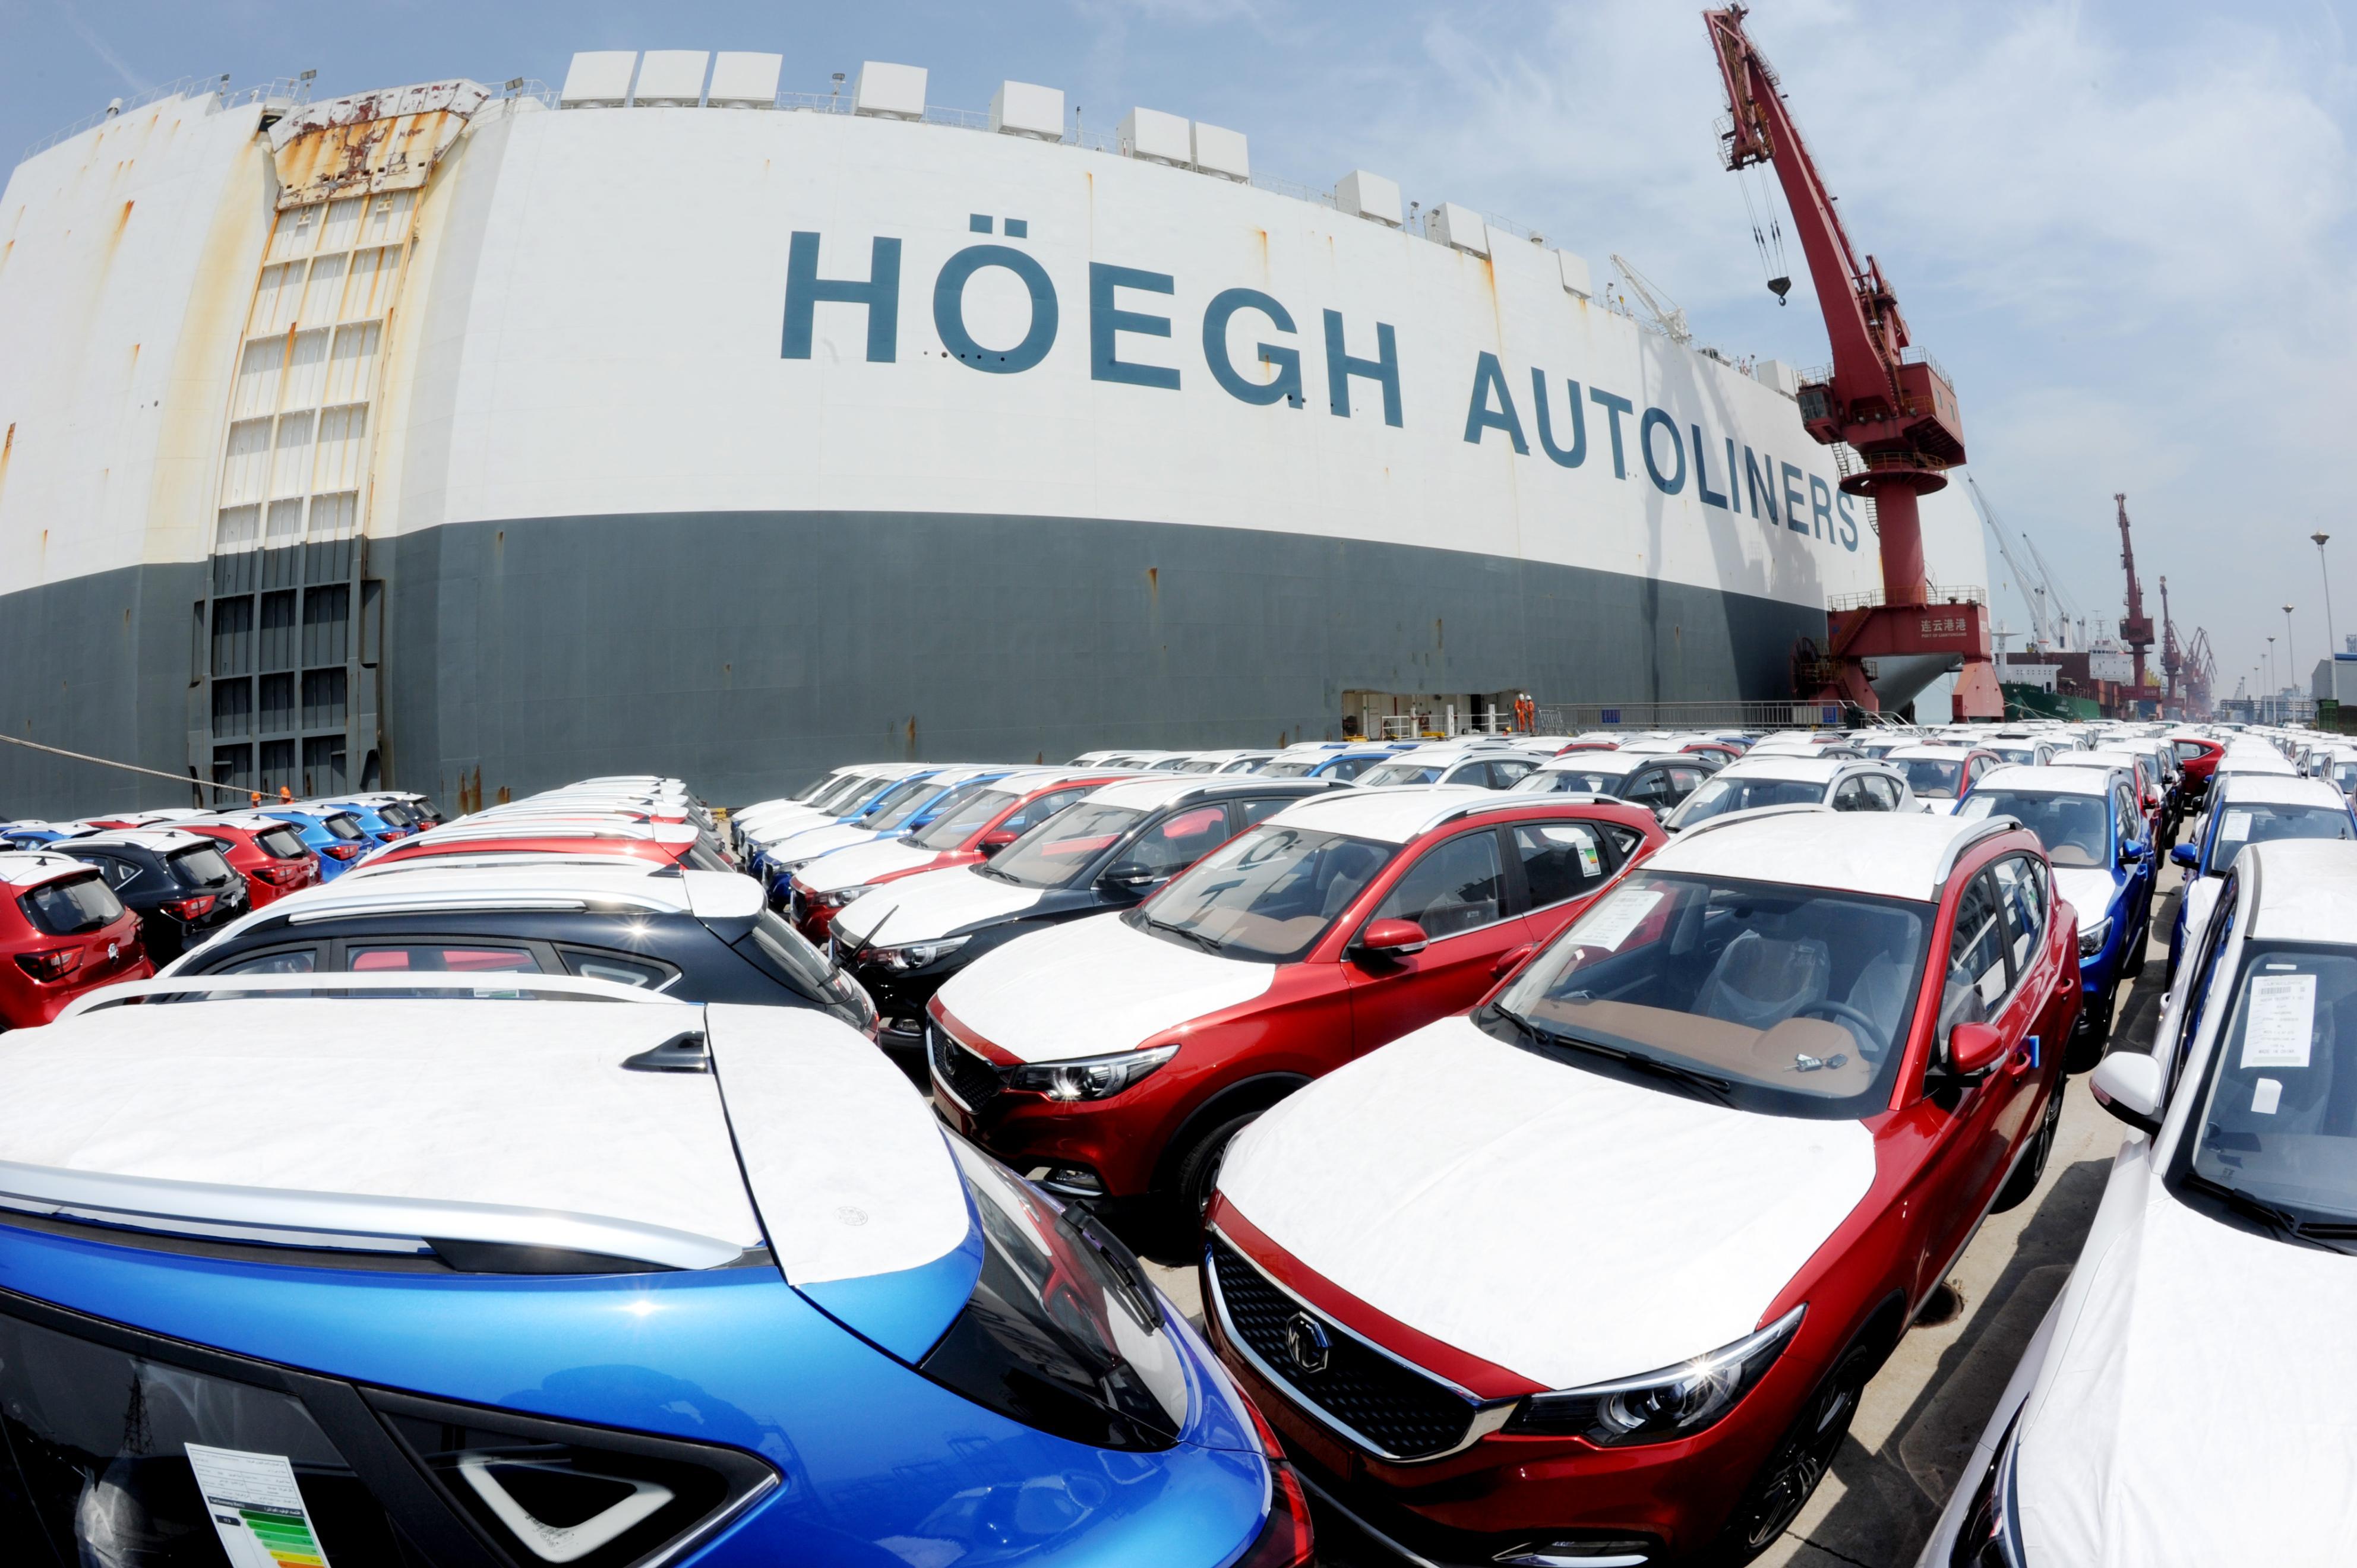 中国江蘇省の港で、船に積まれるサウジアラビア向けの輸出車=18日(ゲッティ=共同)